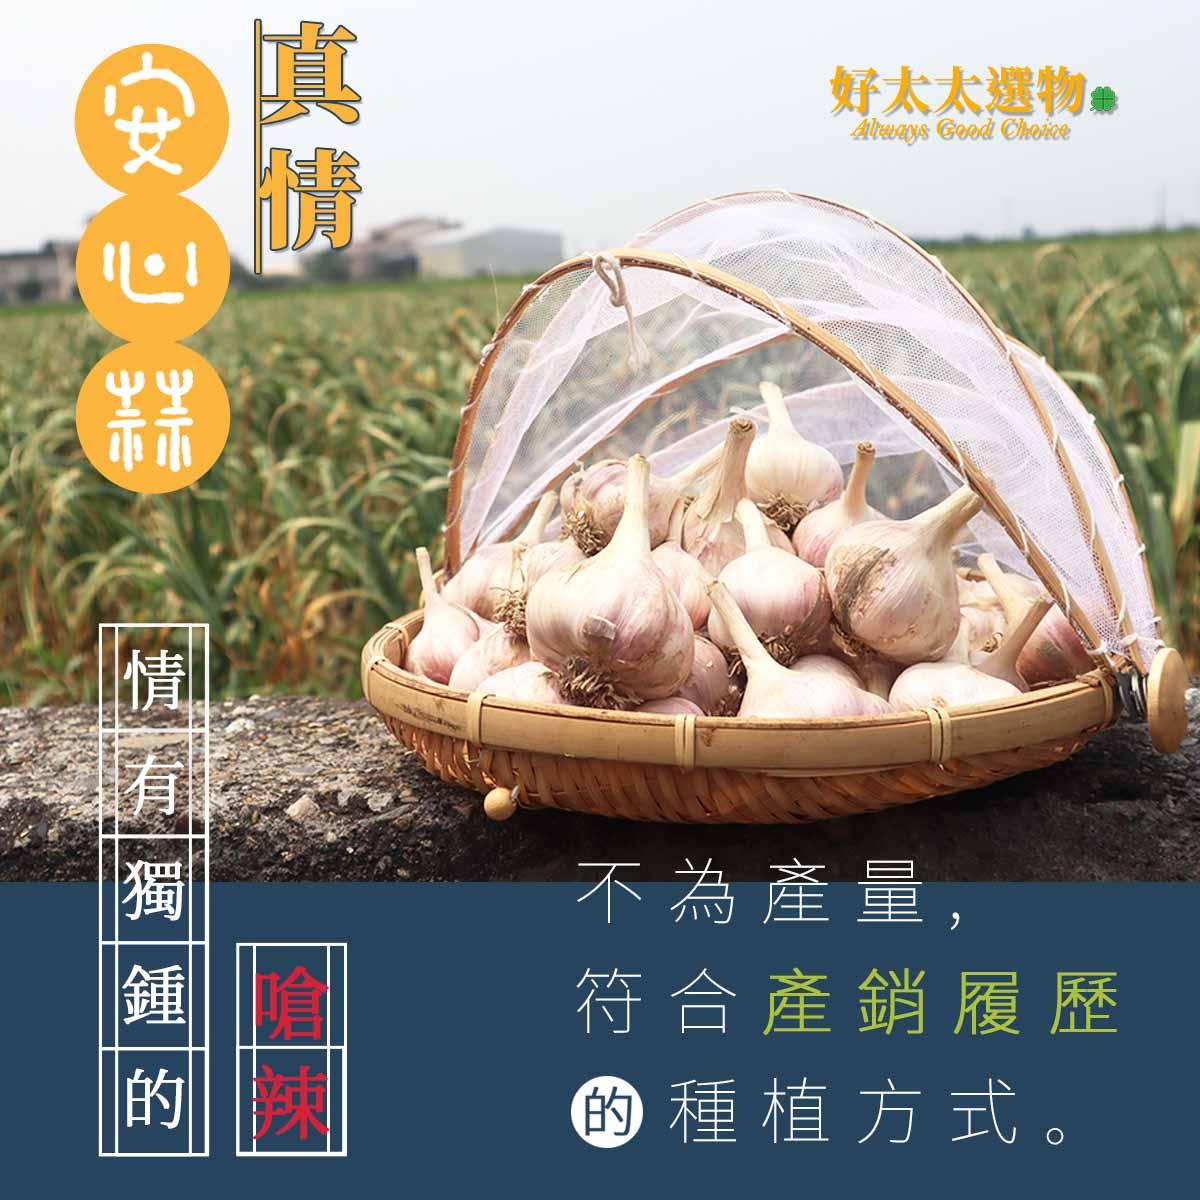 蒜頭少有的高安全標準,符合產銷覆歷高規的種植方式。